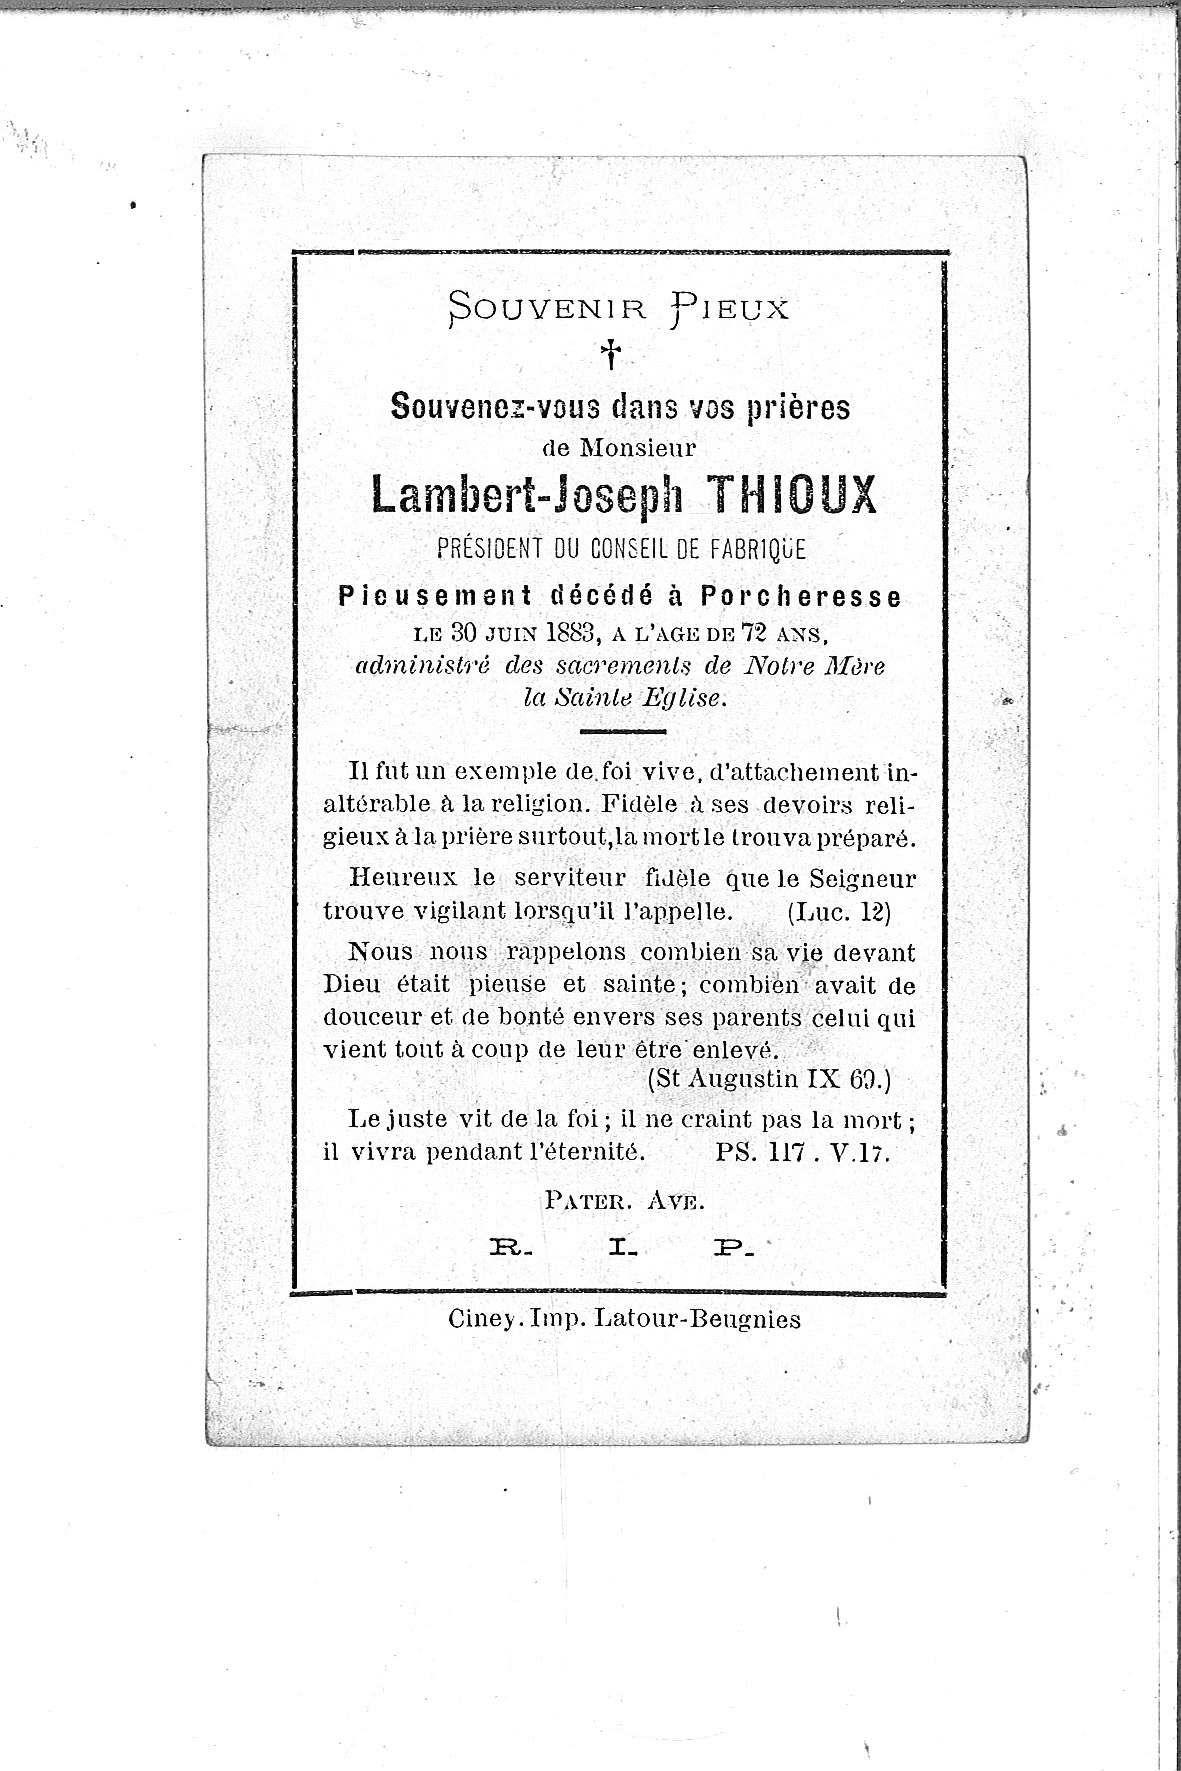 Lambert-Joseph(1883)20140825083222_00146.jpg